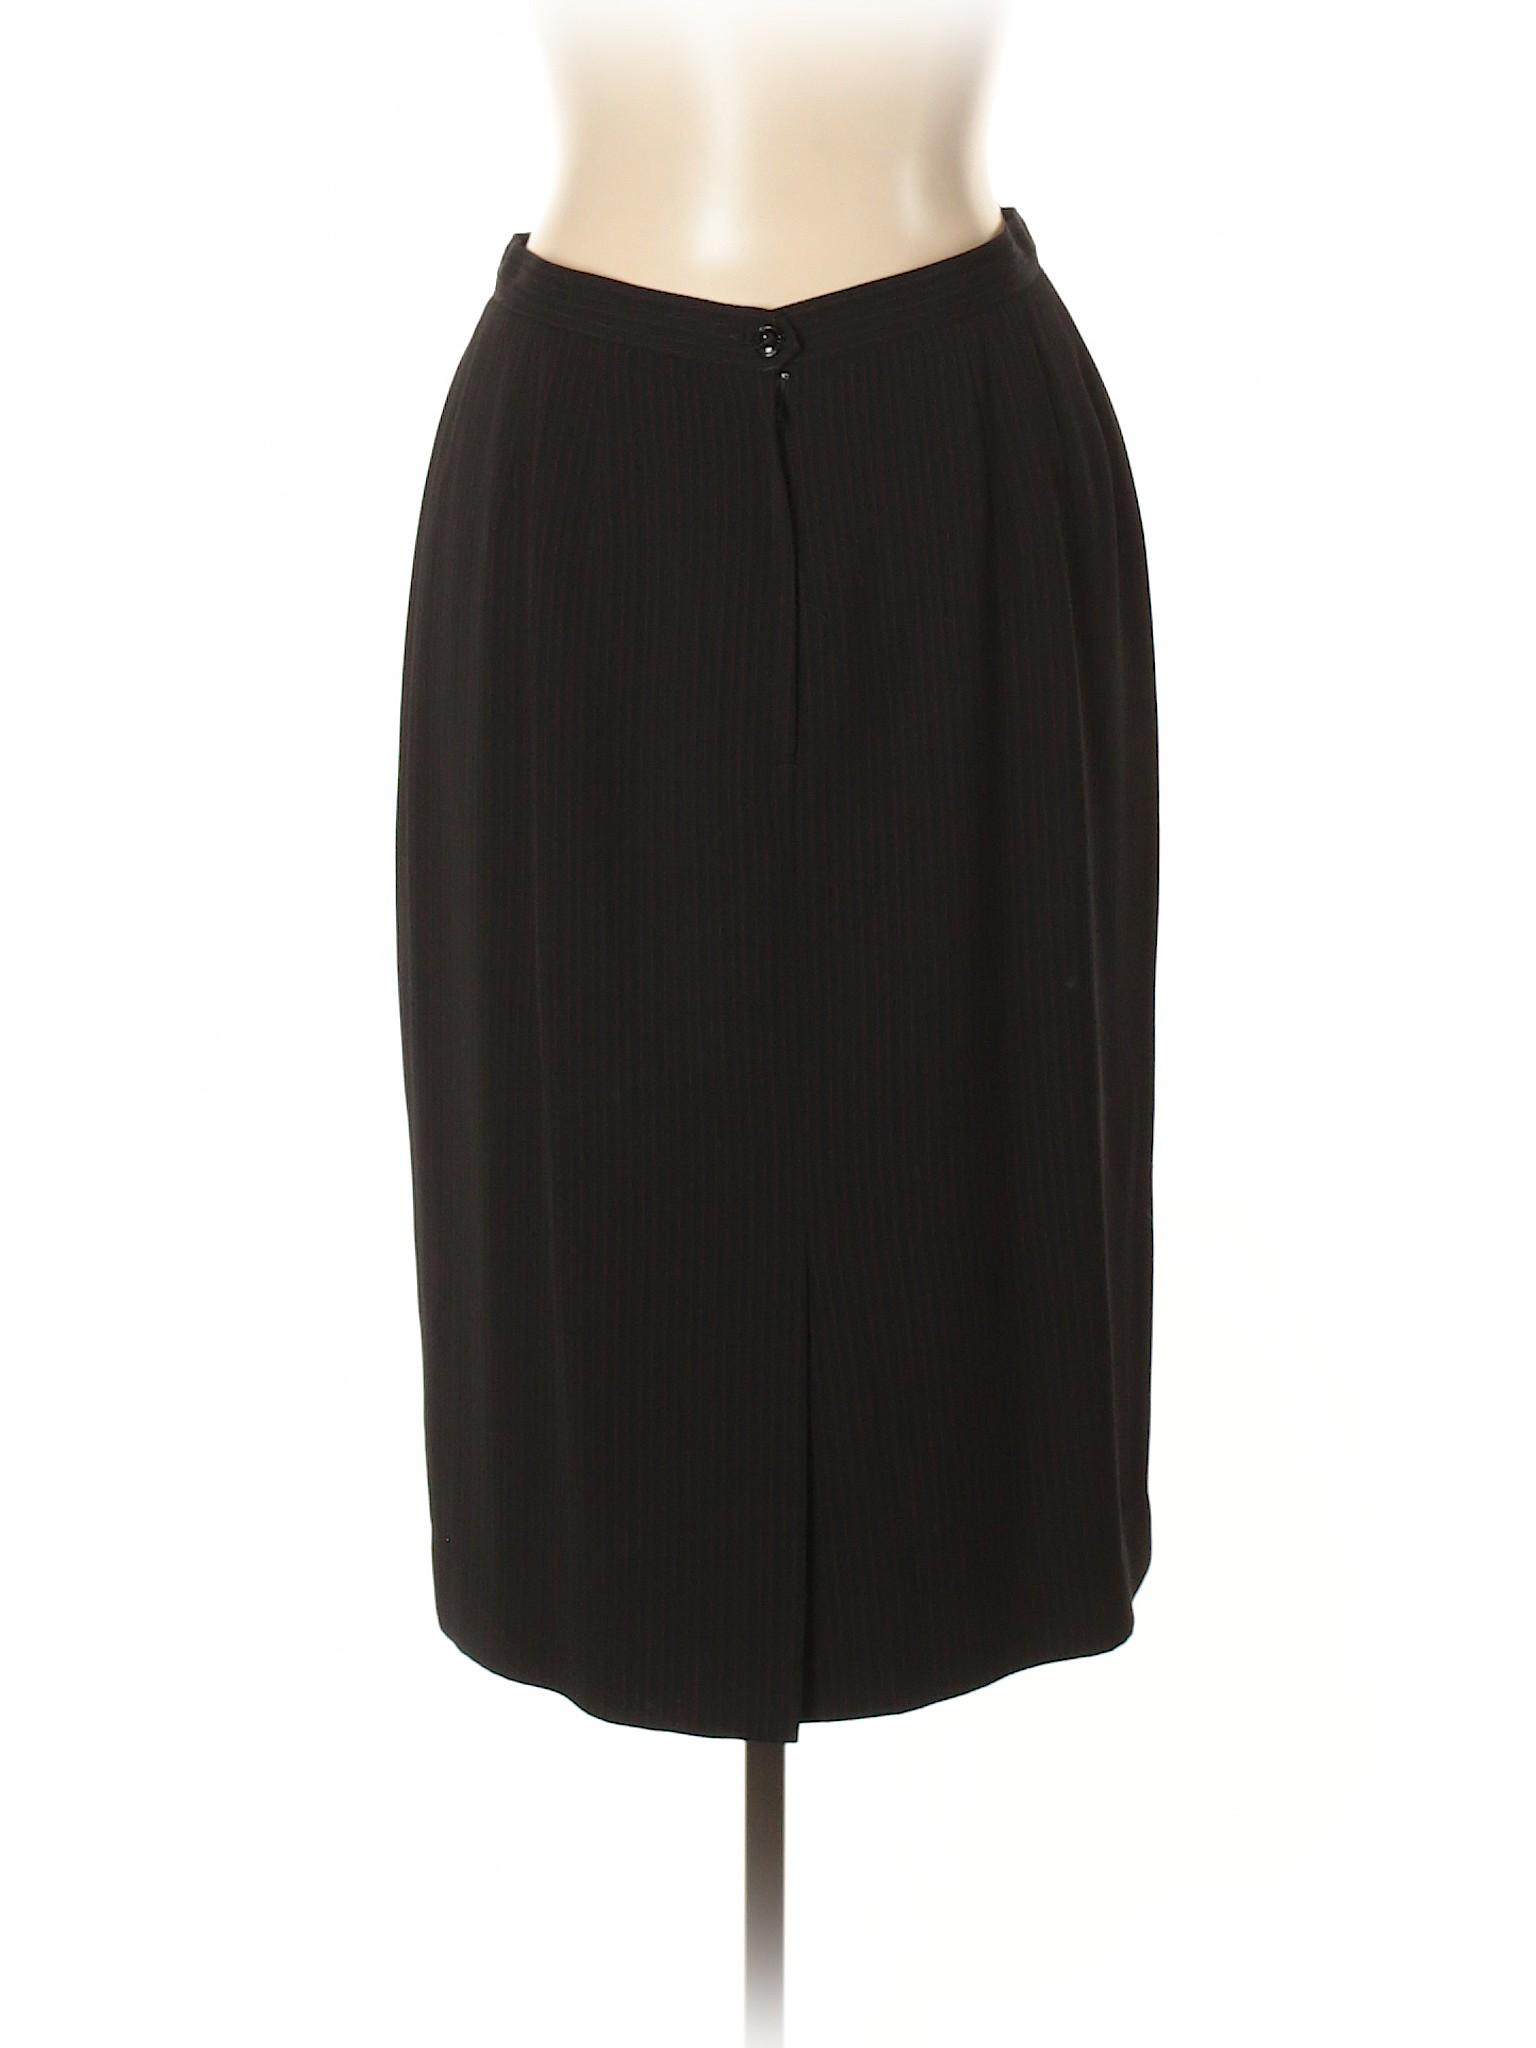 Boutique Boutique Casual Skirt Boutique Skirt Casual qv8x556